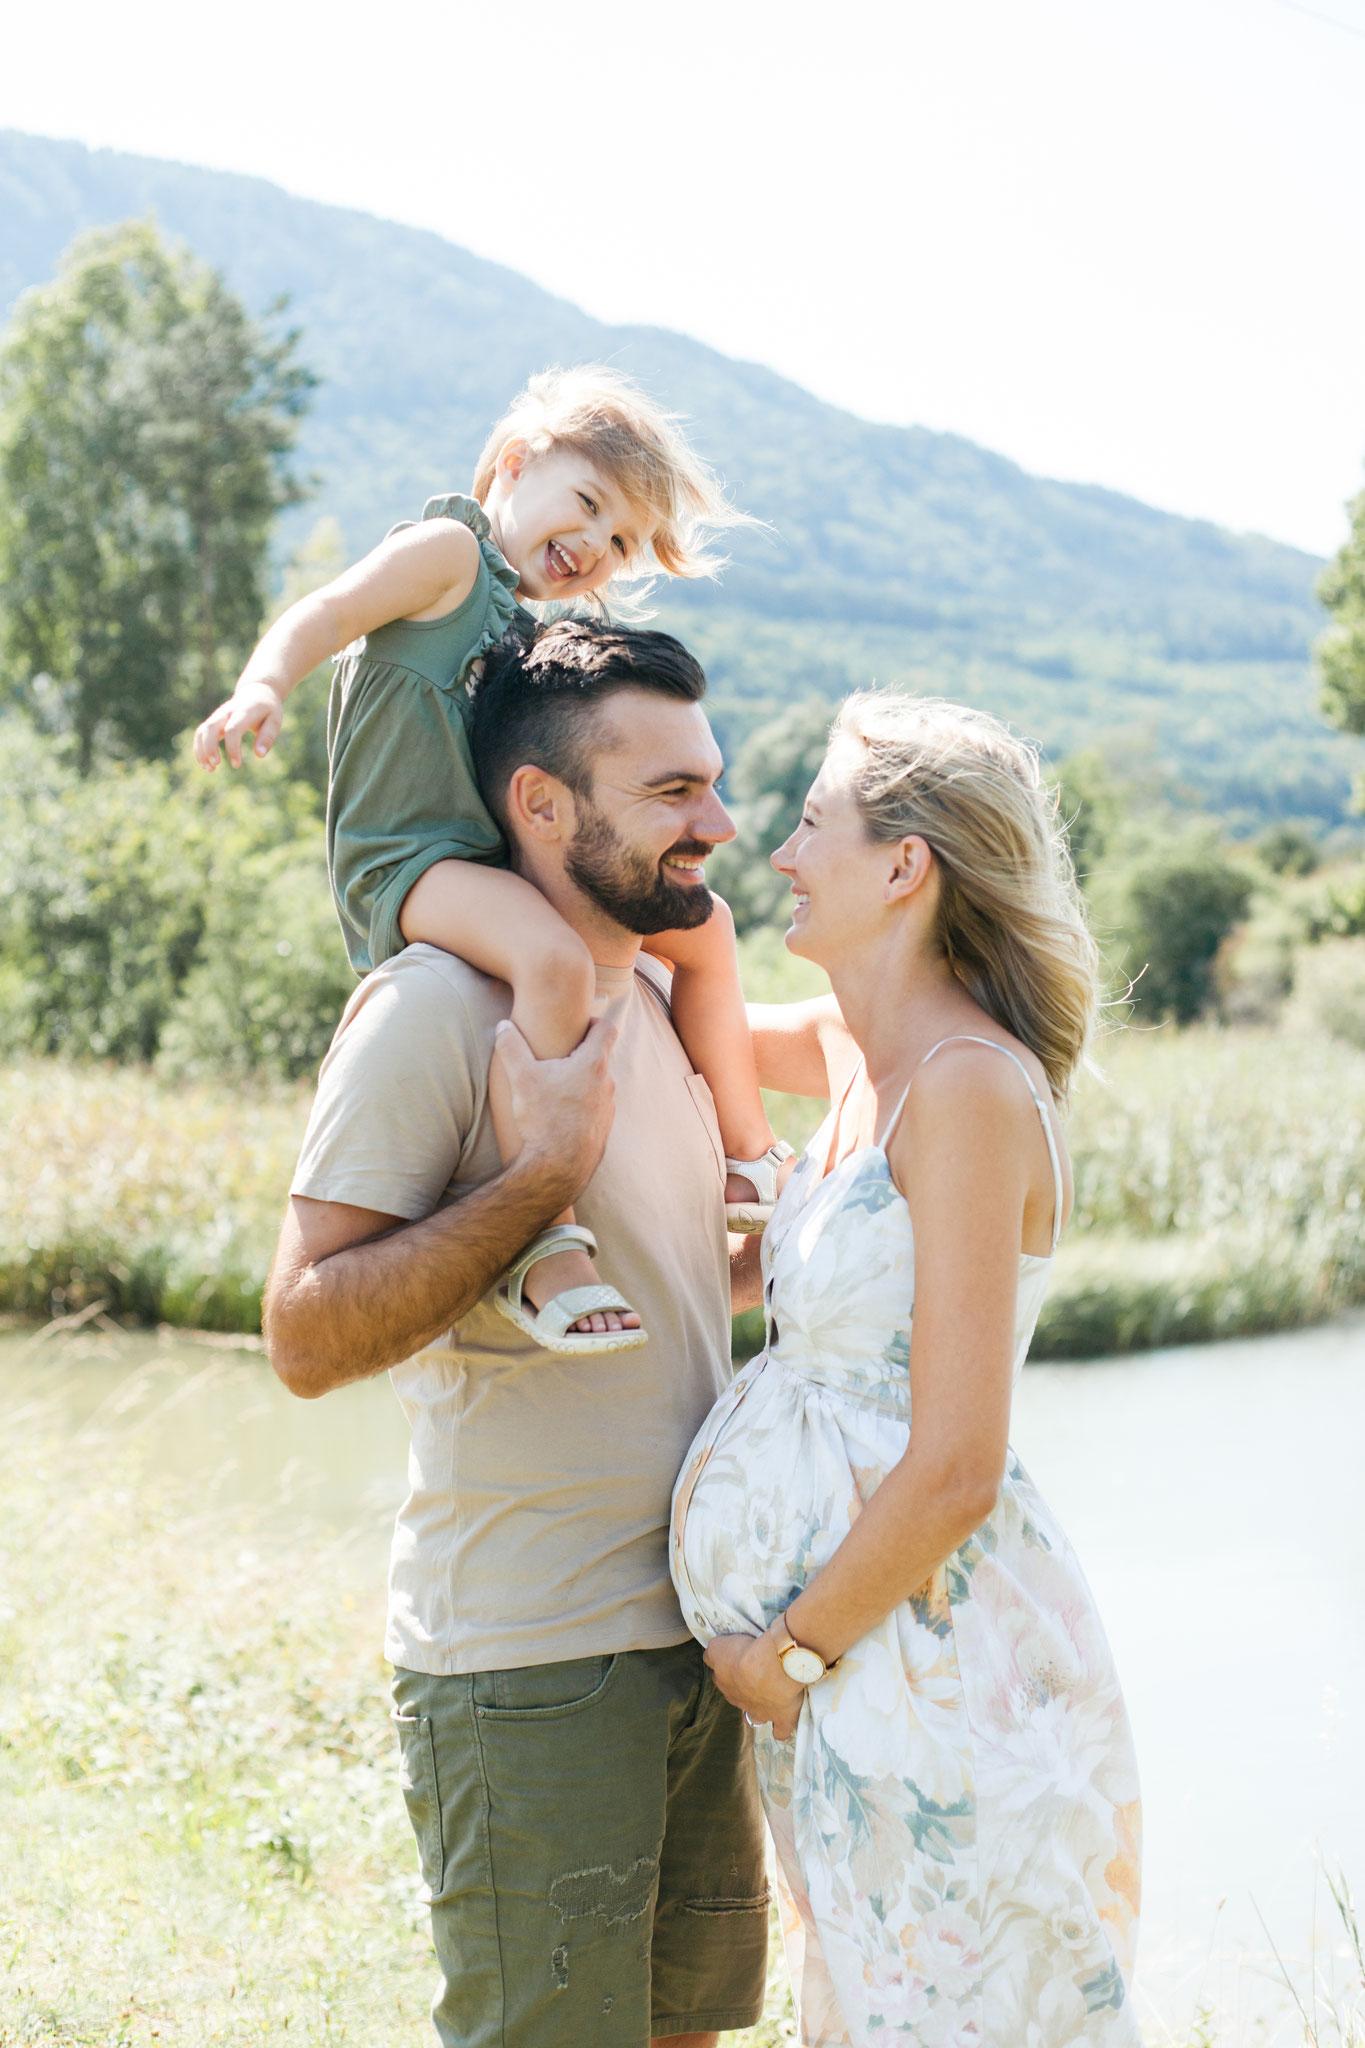 Glückliche Familie mit Babybauch und Kind